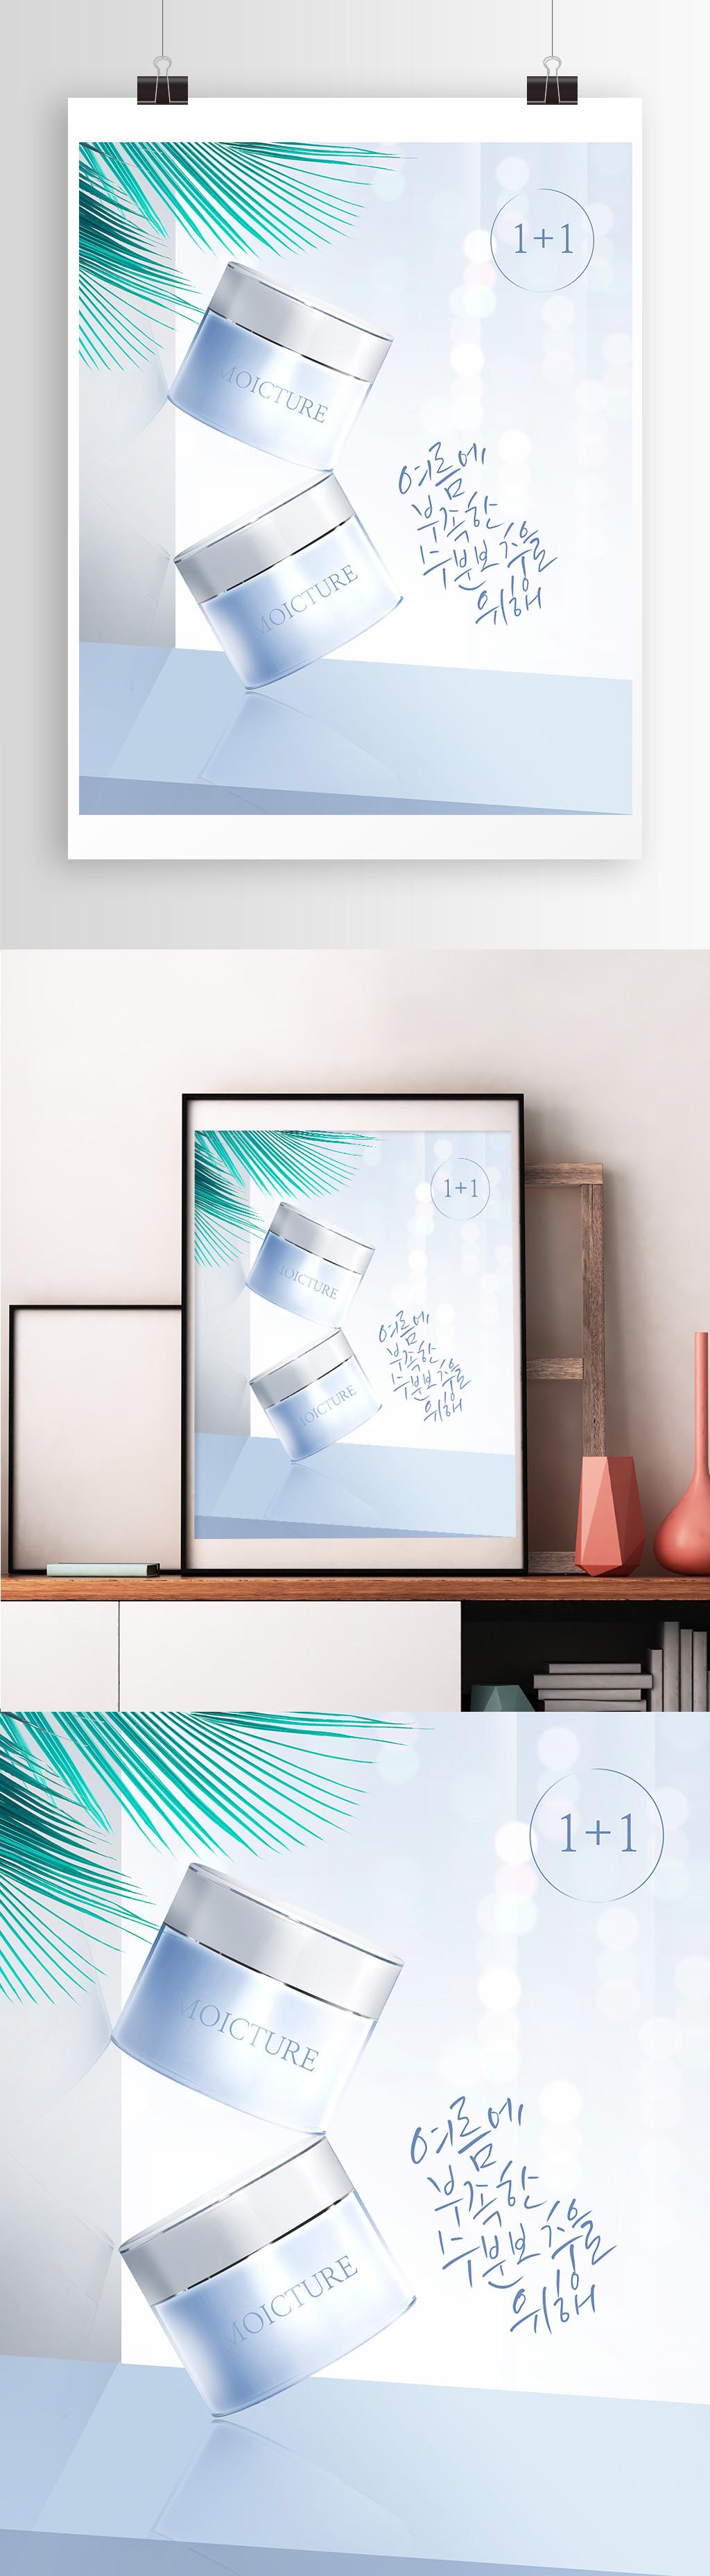 高端面霜化妆品海报PSD模板